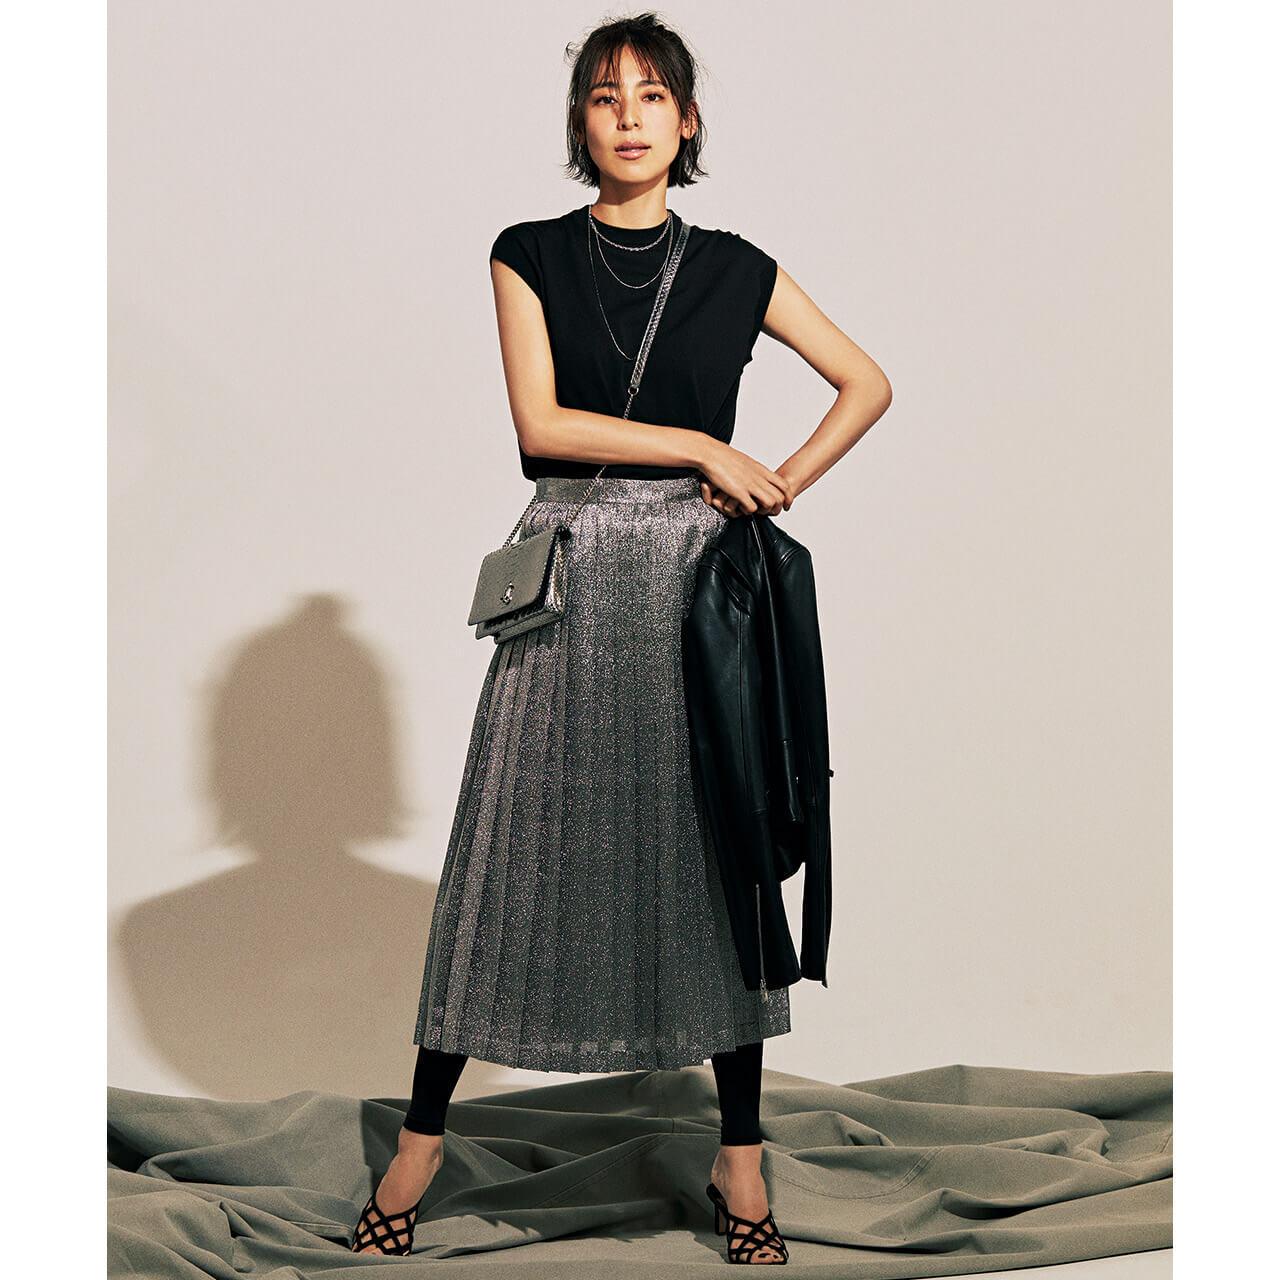 手に持ったジャケット×ニット×シルバーのプリーツスカートコーデを着たモデルの小泉里子さん